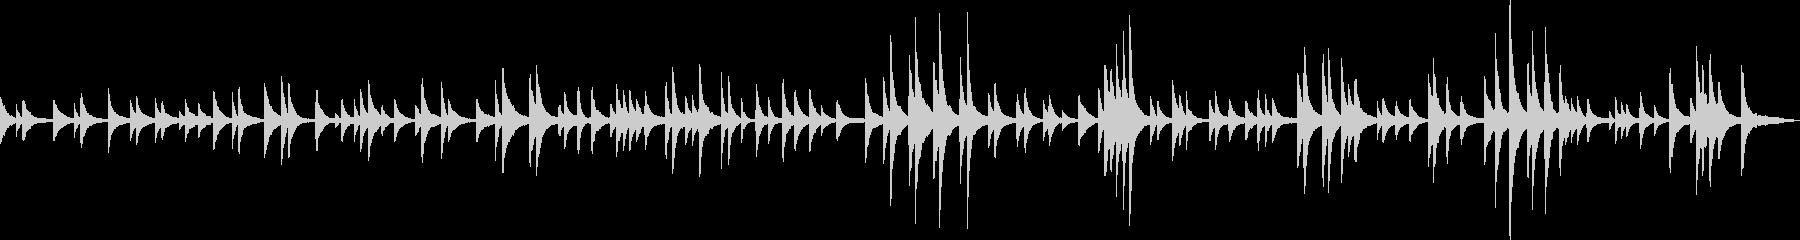 安心する温かいピアノバラード(優しい)の未再生の波形